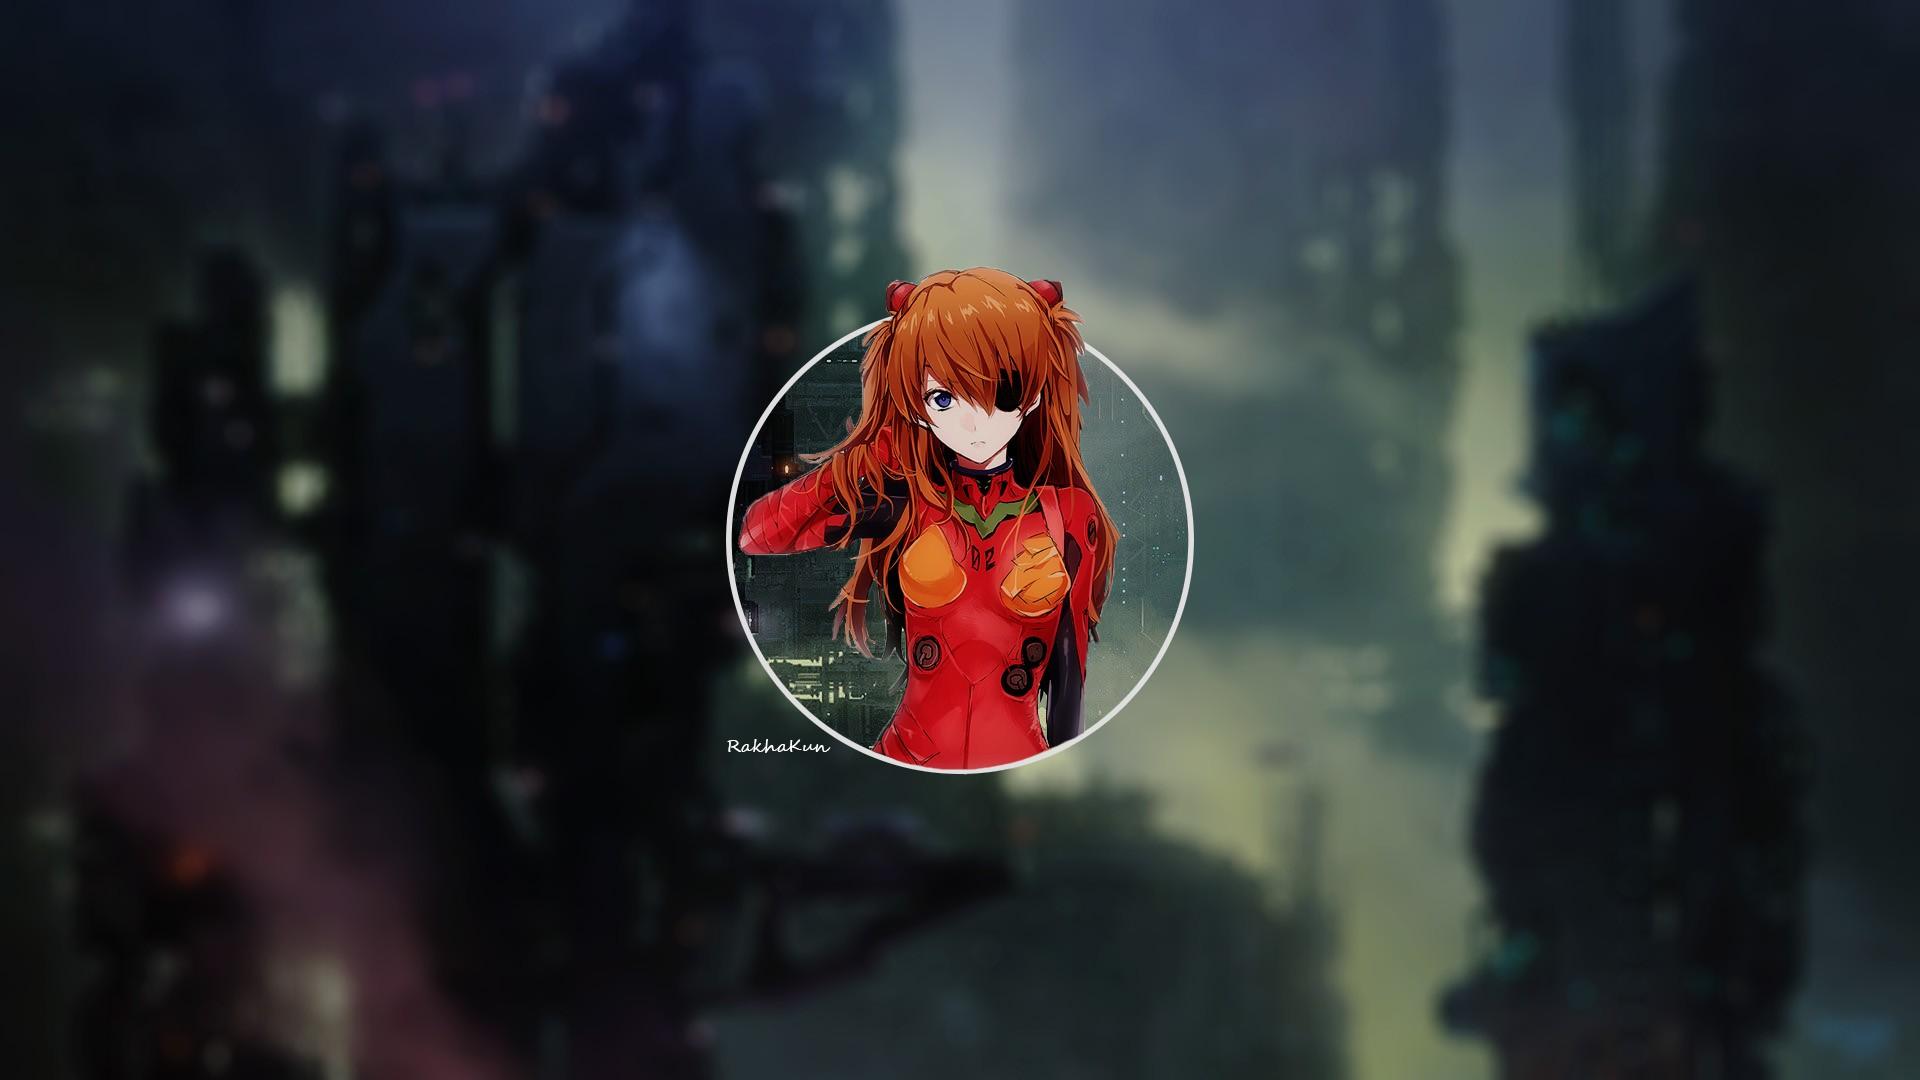 デスクトップ壁紙 シティ アニメの女の子 赤 新世紀